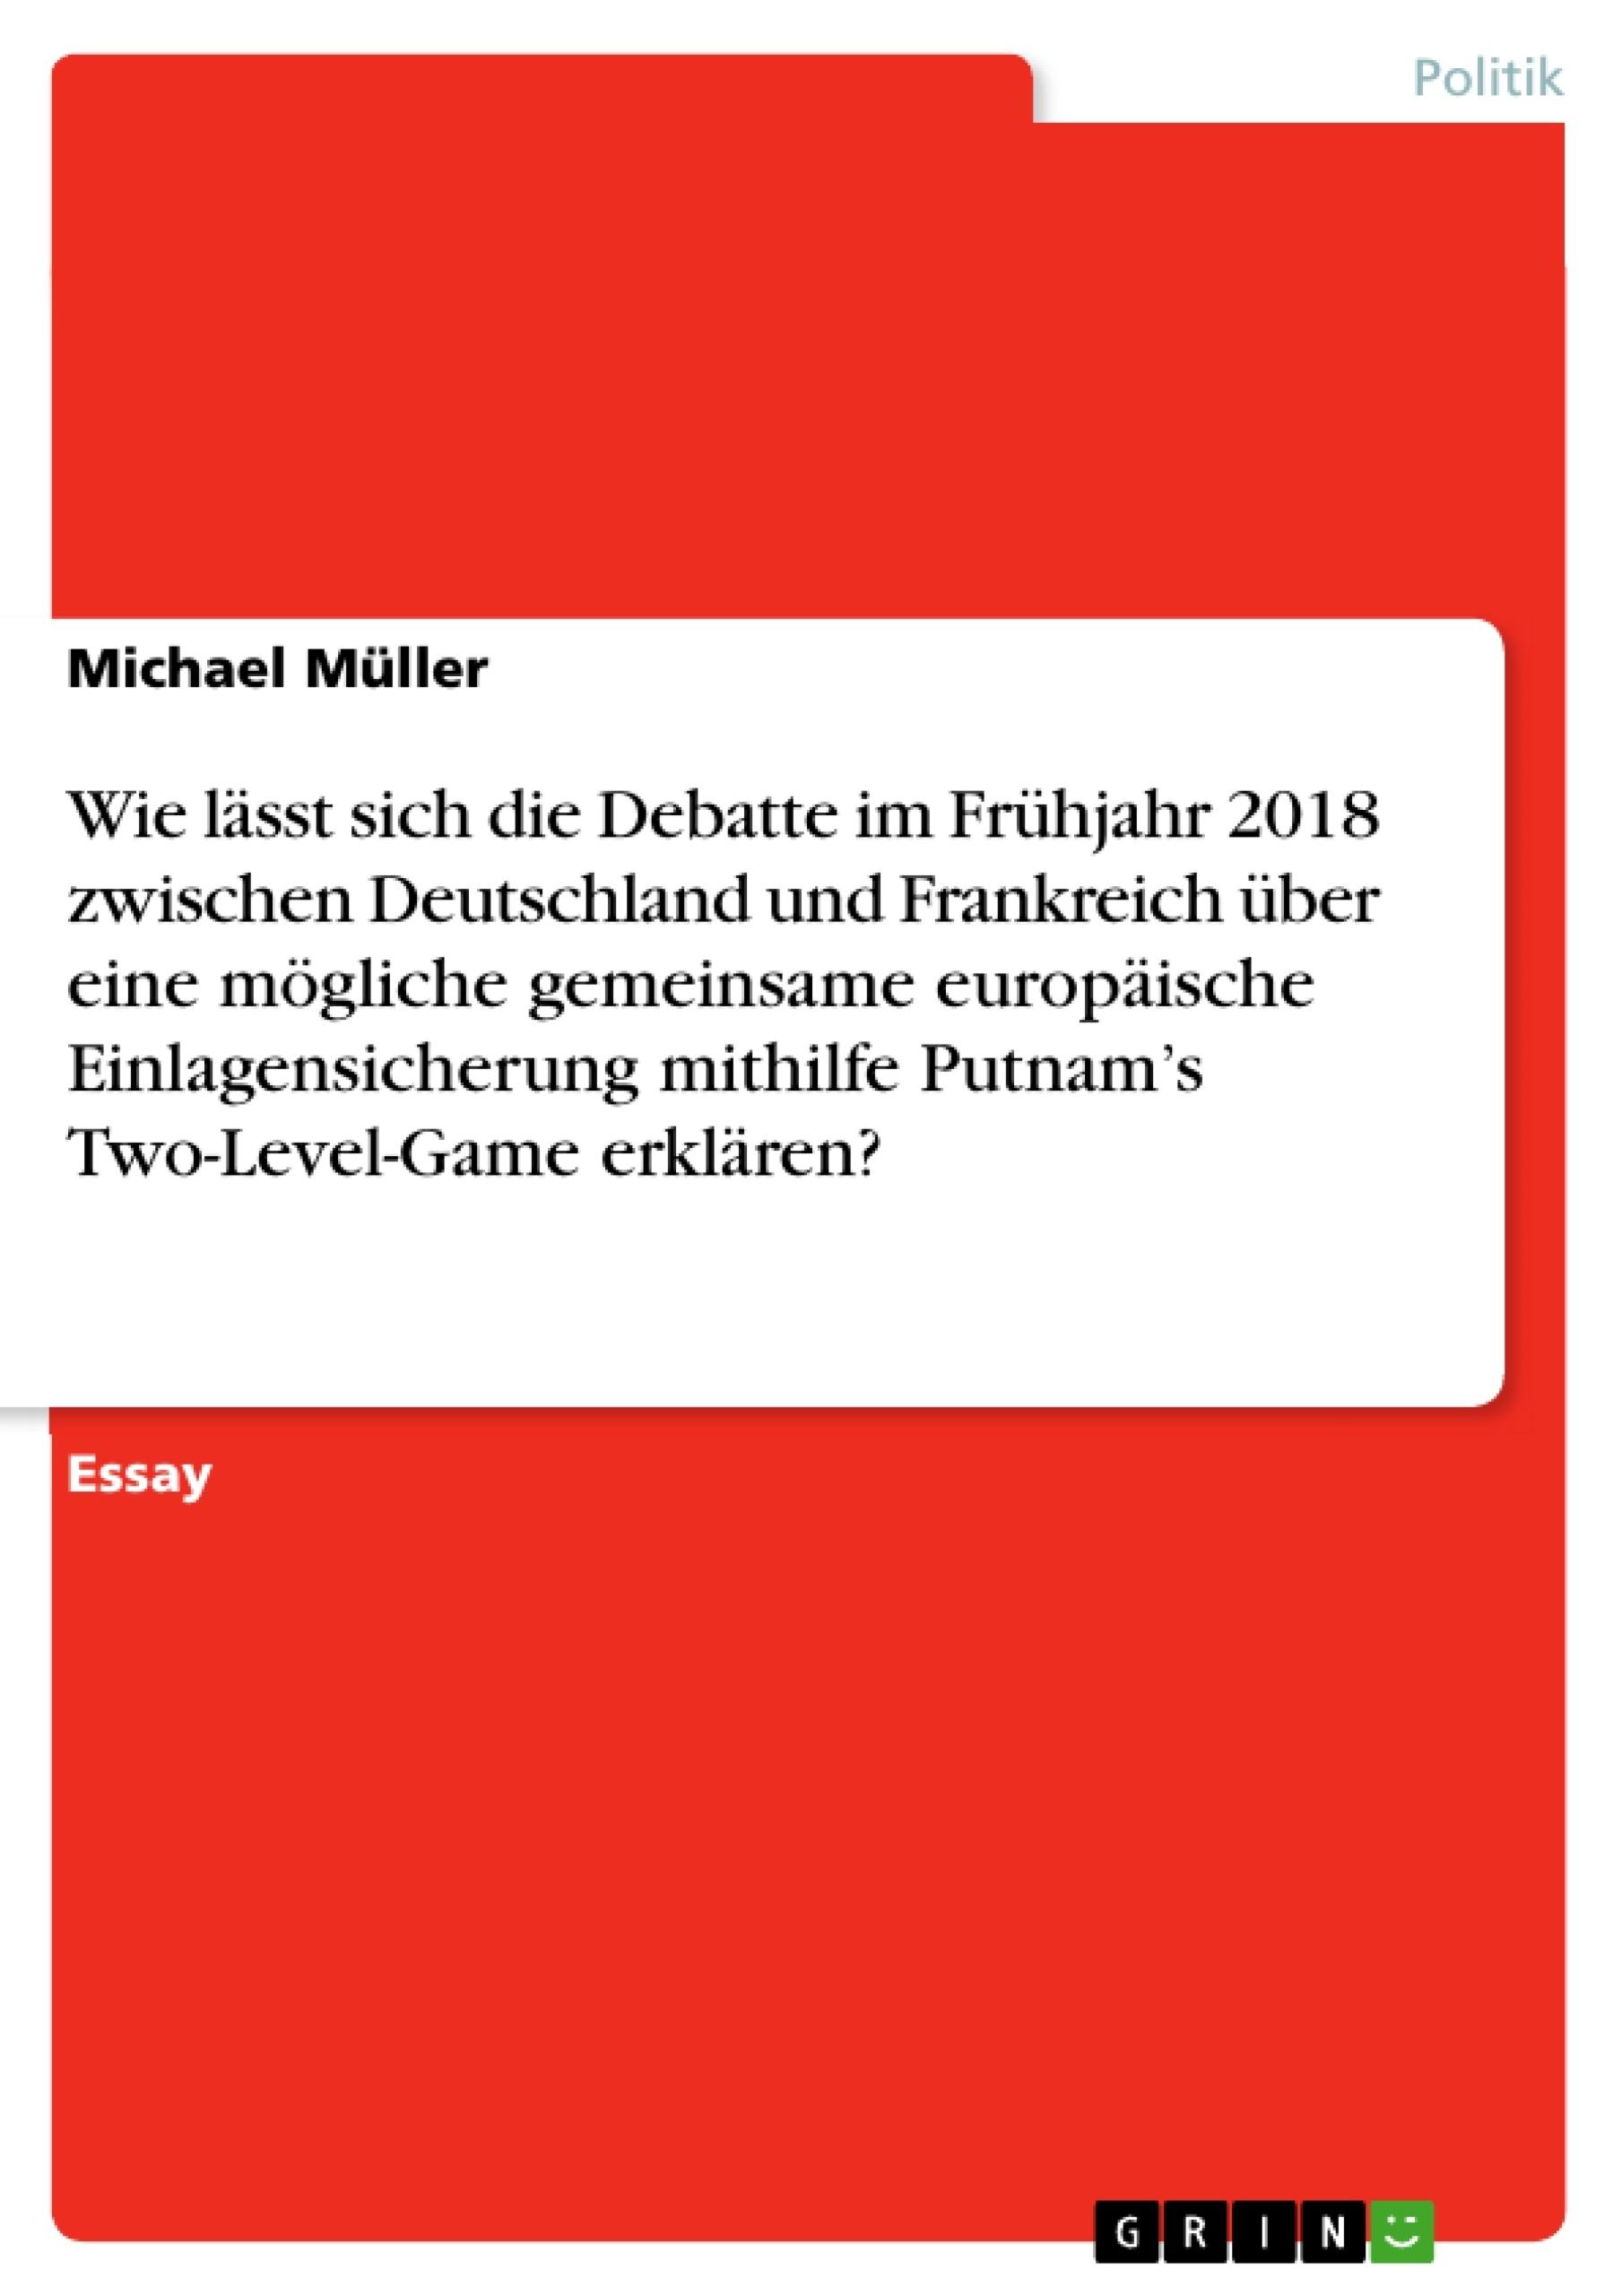 Titel: Wie lässt sich die Debatte im Frühjahr 2018 zwischen Deutschland und Frankreich über eine mögliche gemeinsame europäische Einlagensicherung mithilfe Putnam's Two-Level-Game erklären?